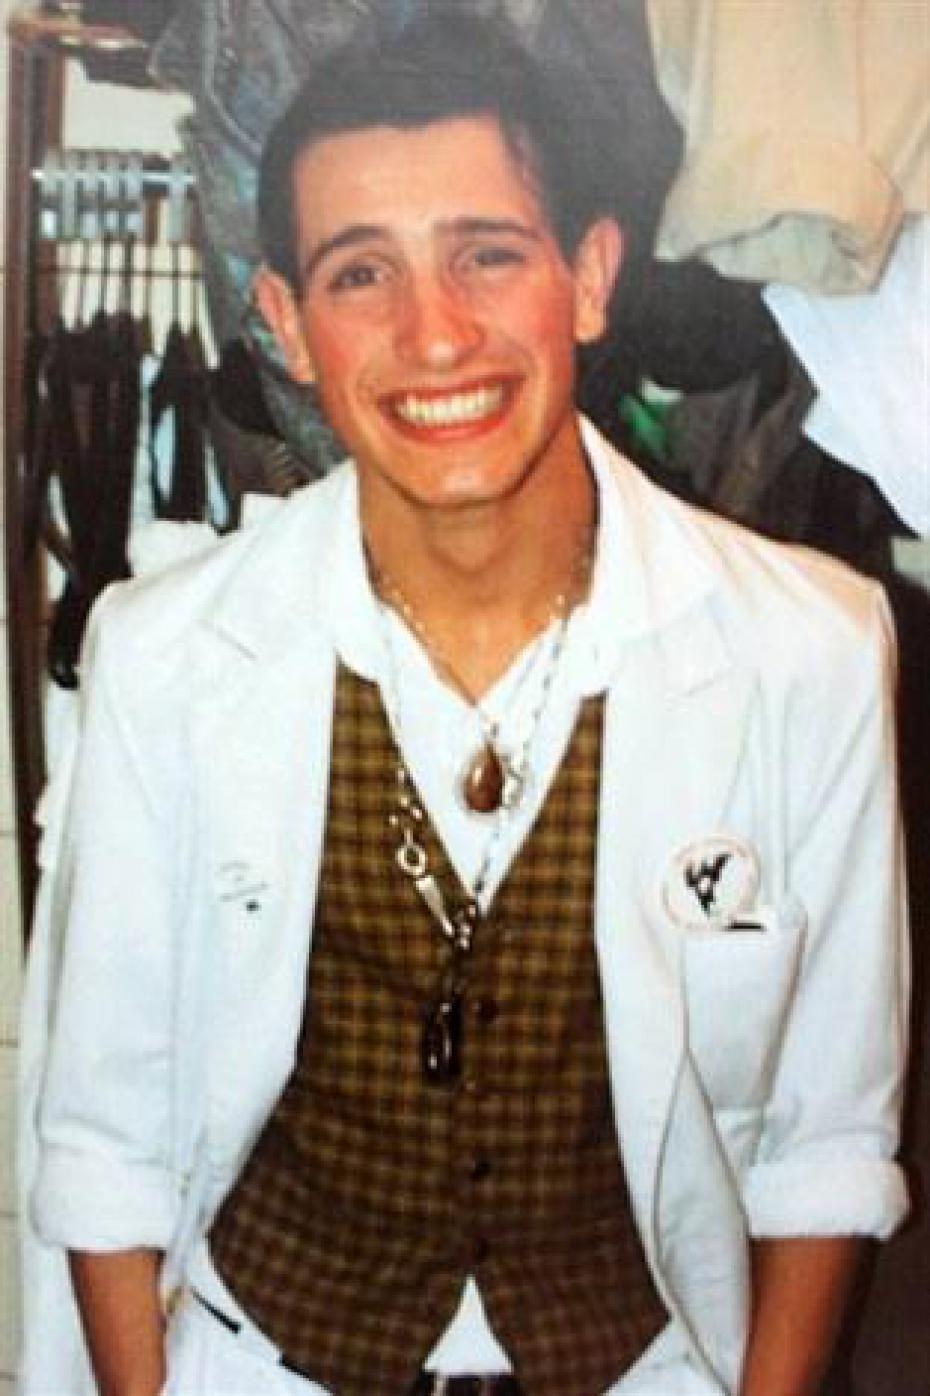 Jean dujardin quand il avait 20 ans sur le forum blabla 18 for Dujardin chameau